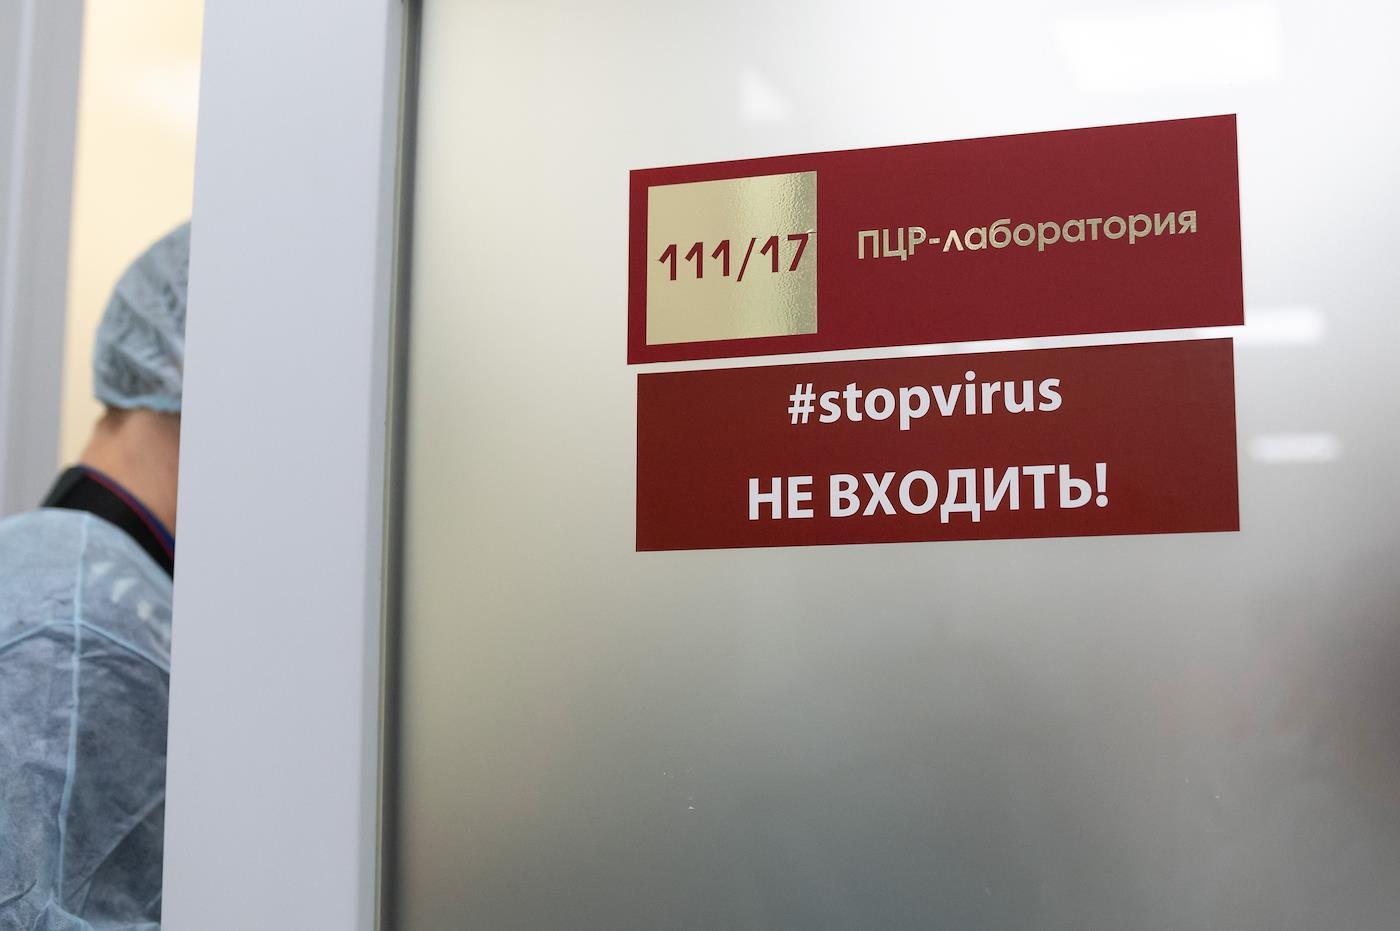 ПЦР-тест на жадность. Почему Петербург может ускорить выявление ковида, но не хочет